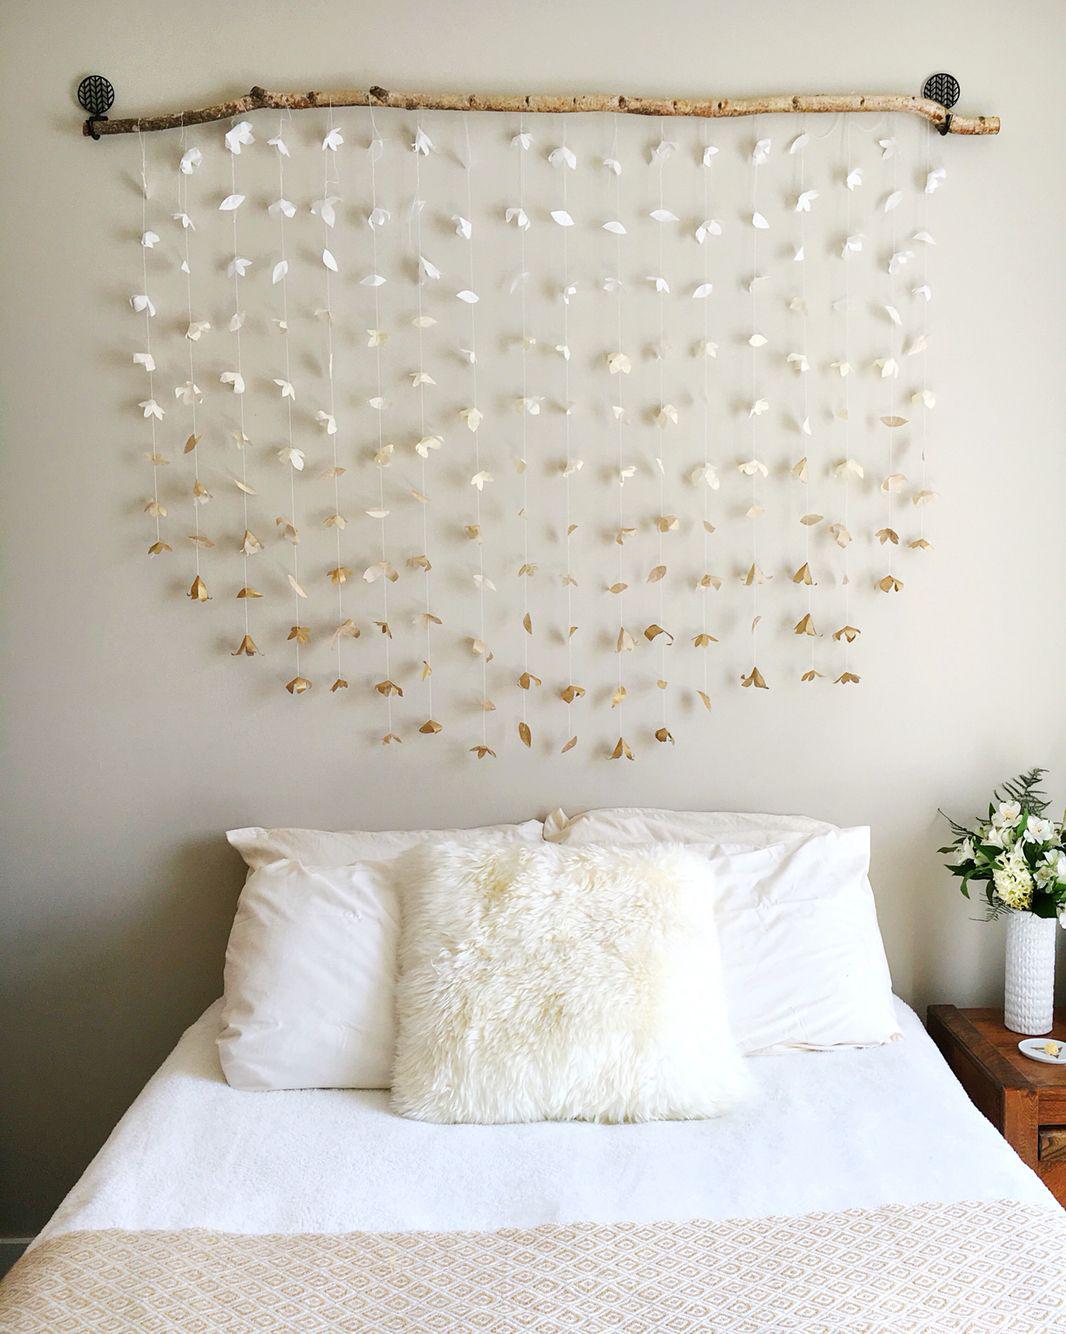 room decor DIY headboard wall hangings tapestries paper flowers